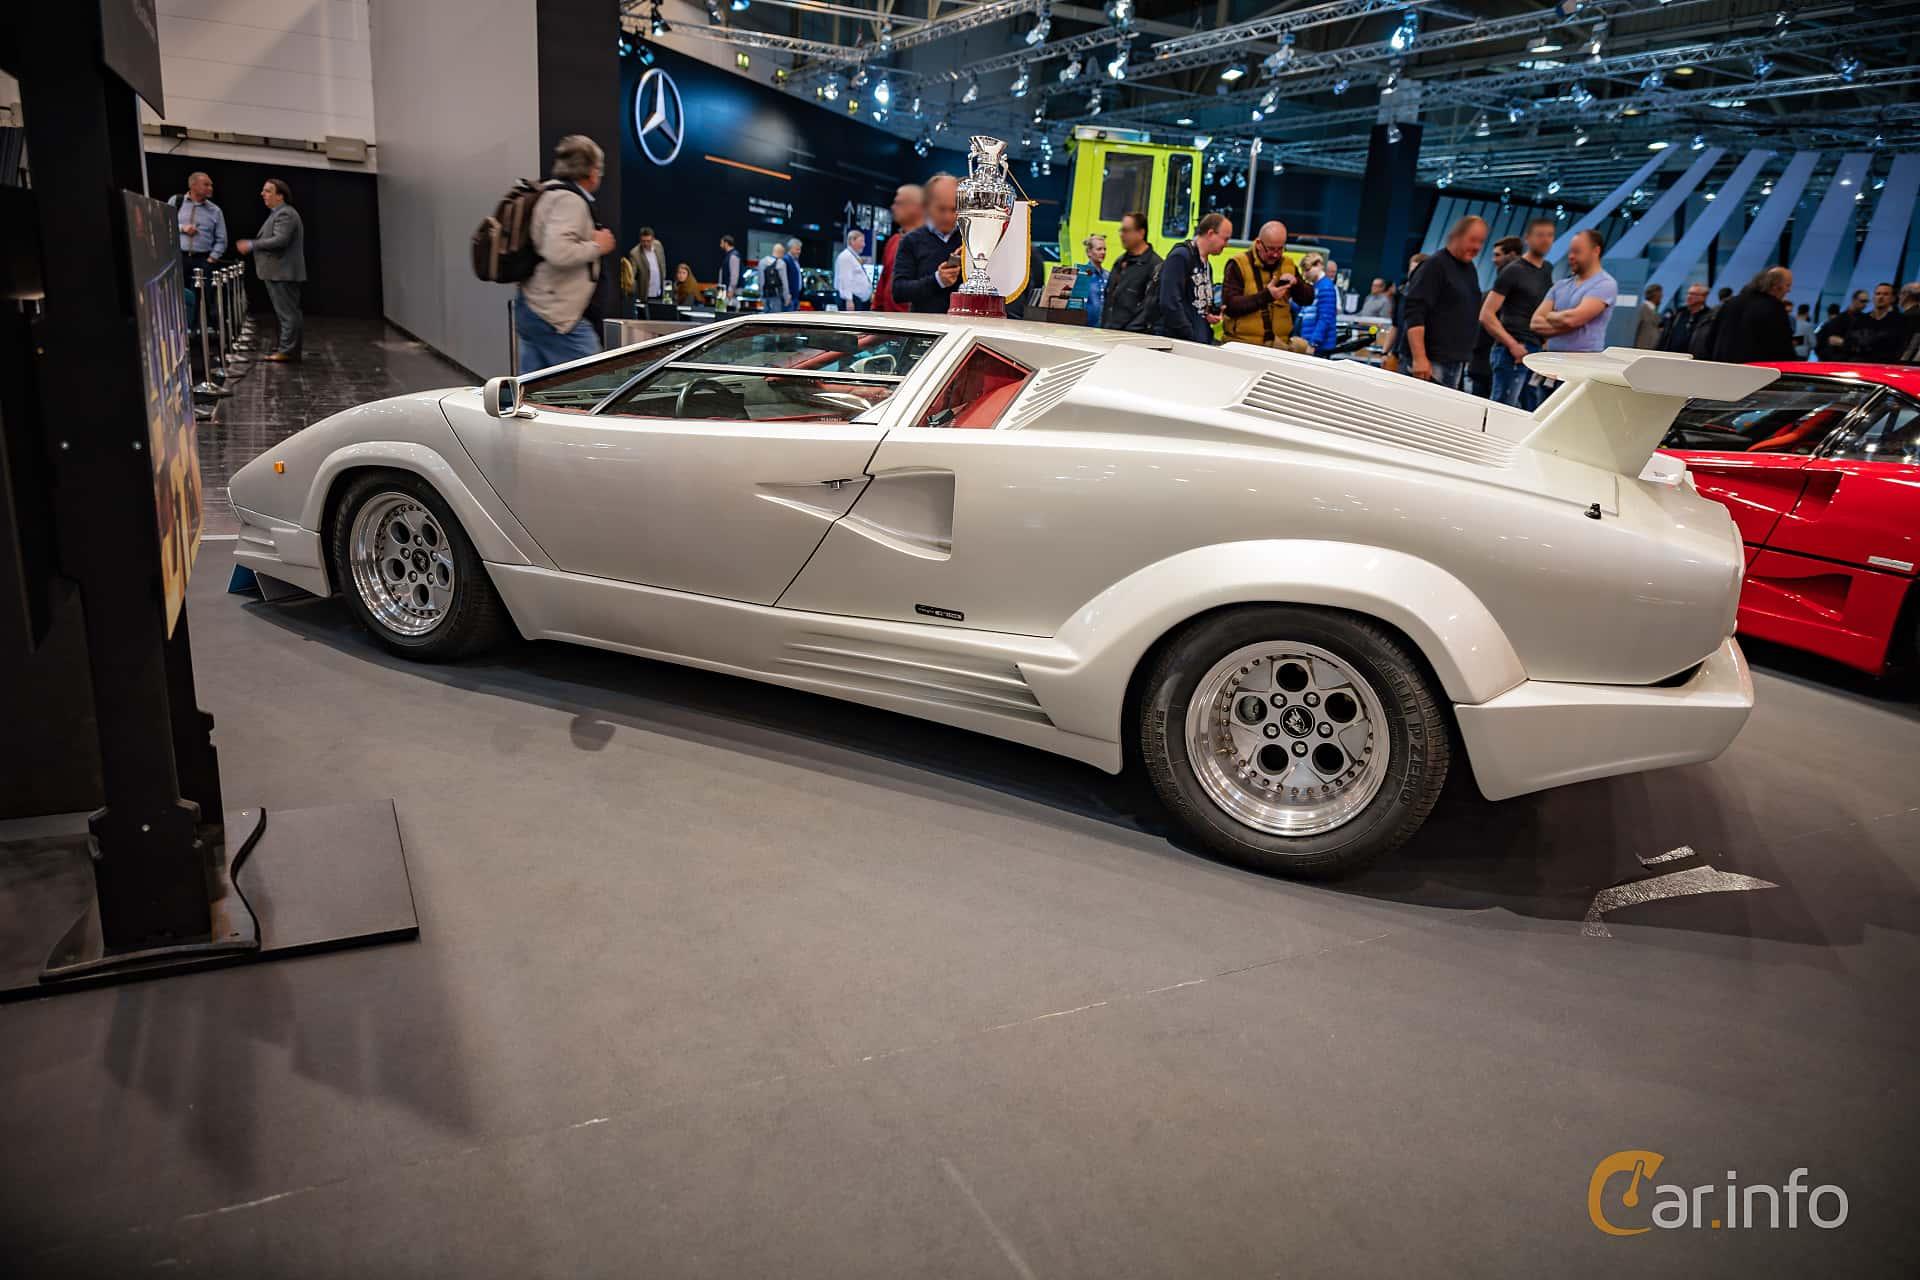 Lamborghini Countach Lp 5000qv 1st Generation